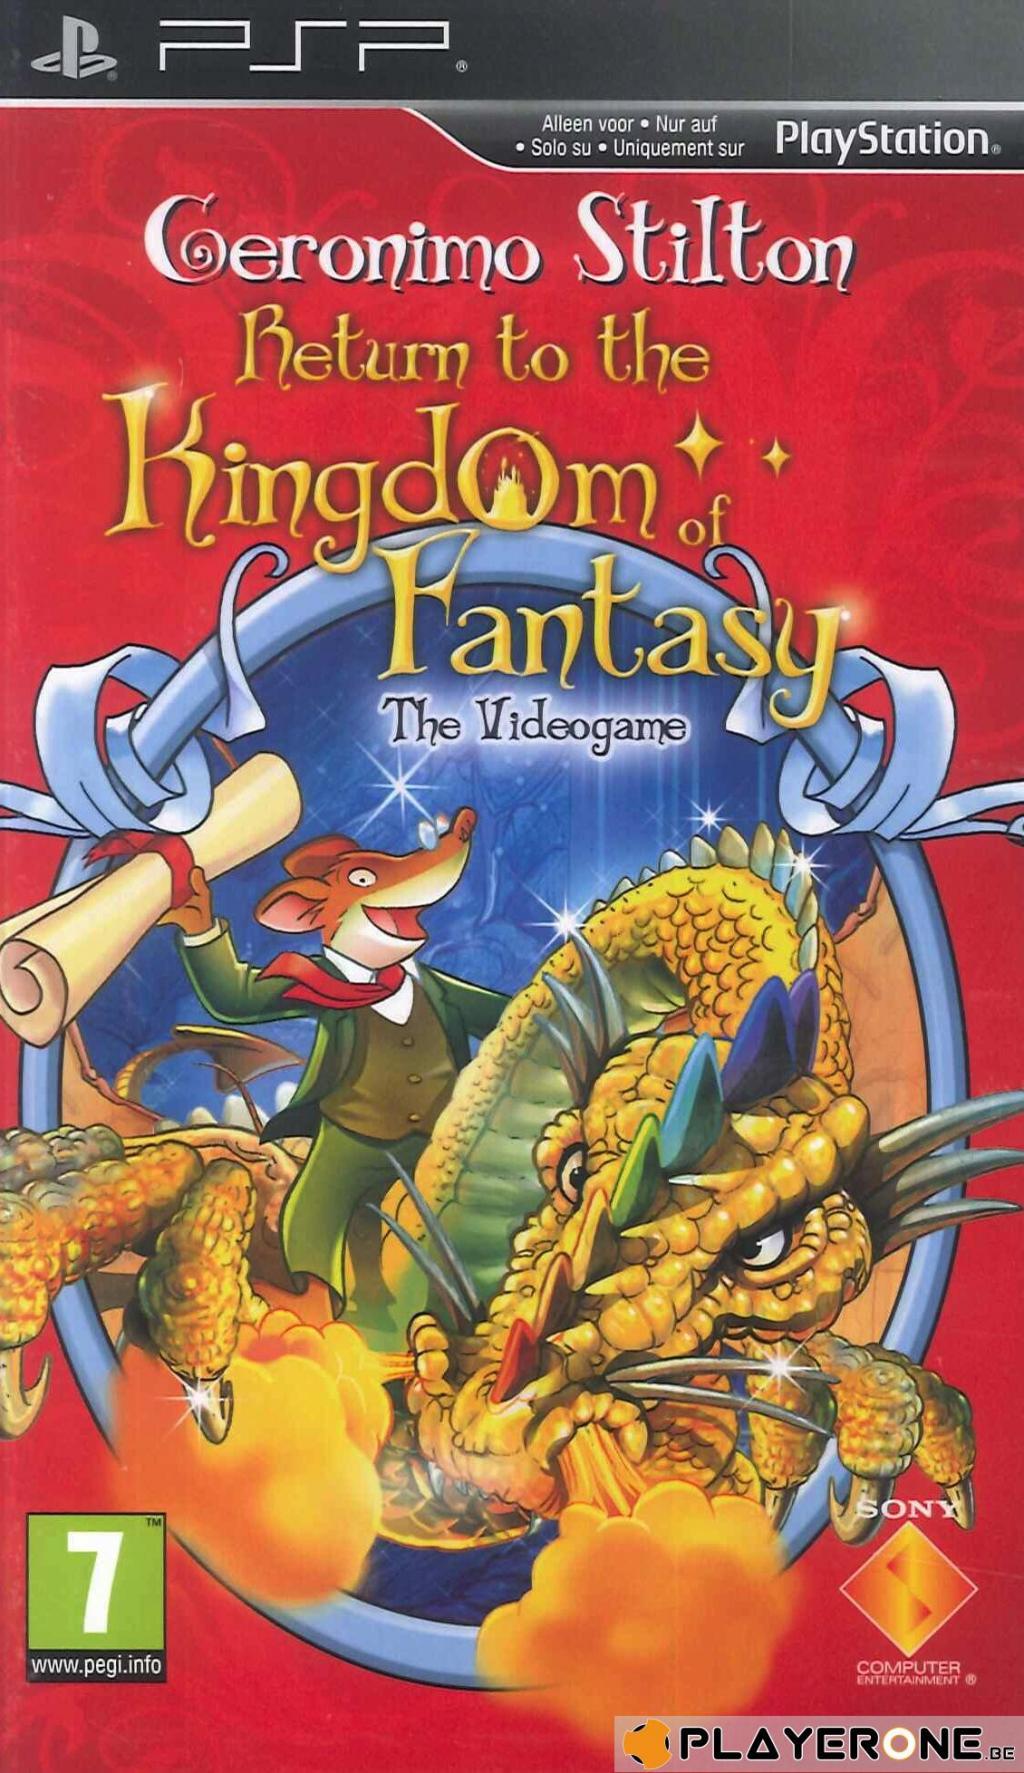 Geronimo Stilton 2 Return to Kingdom of Fantasy_1